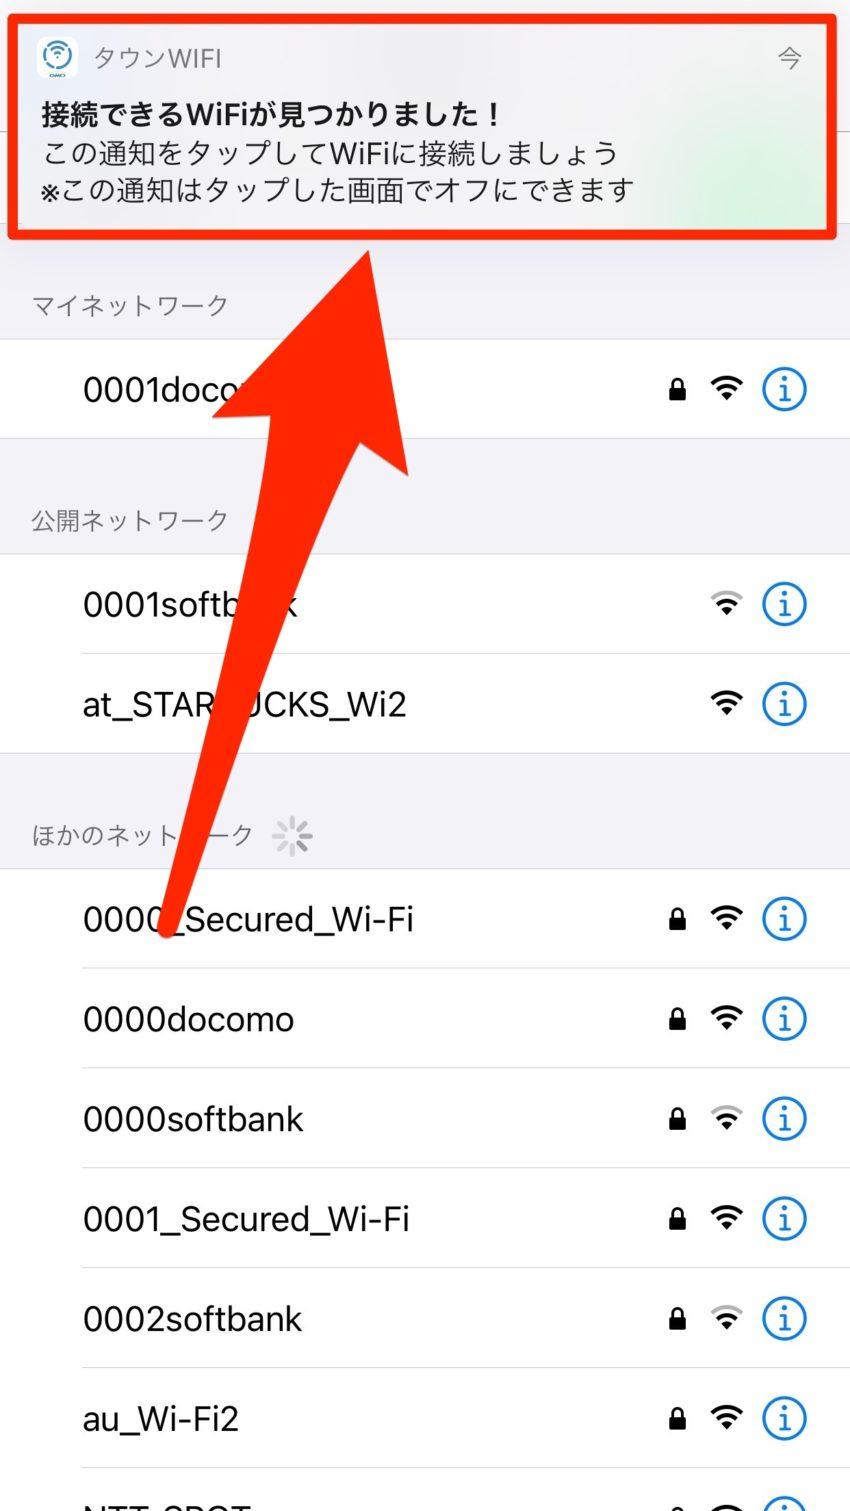 WiFi発見通知